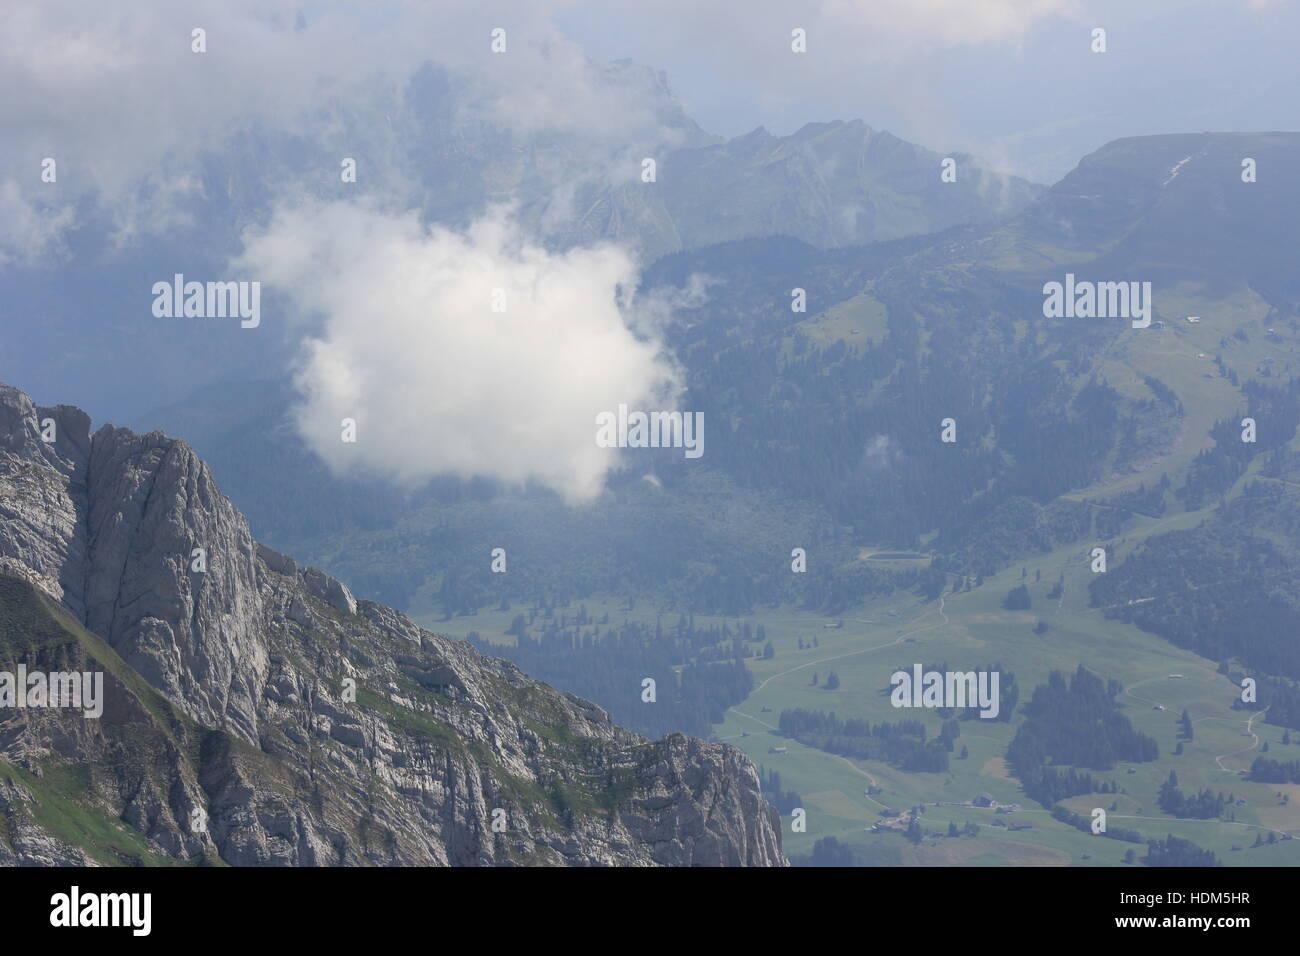 Eine Wolke schwebt vom Säntis in den Schweizer Alpen. Stockbild